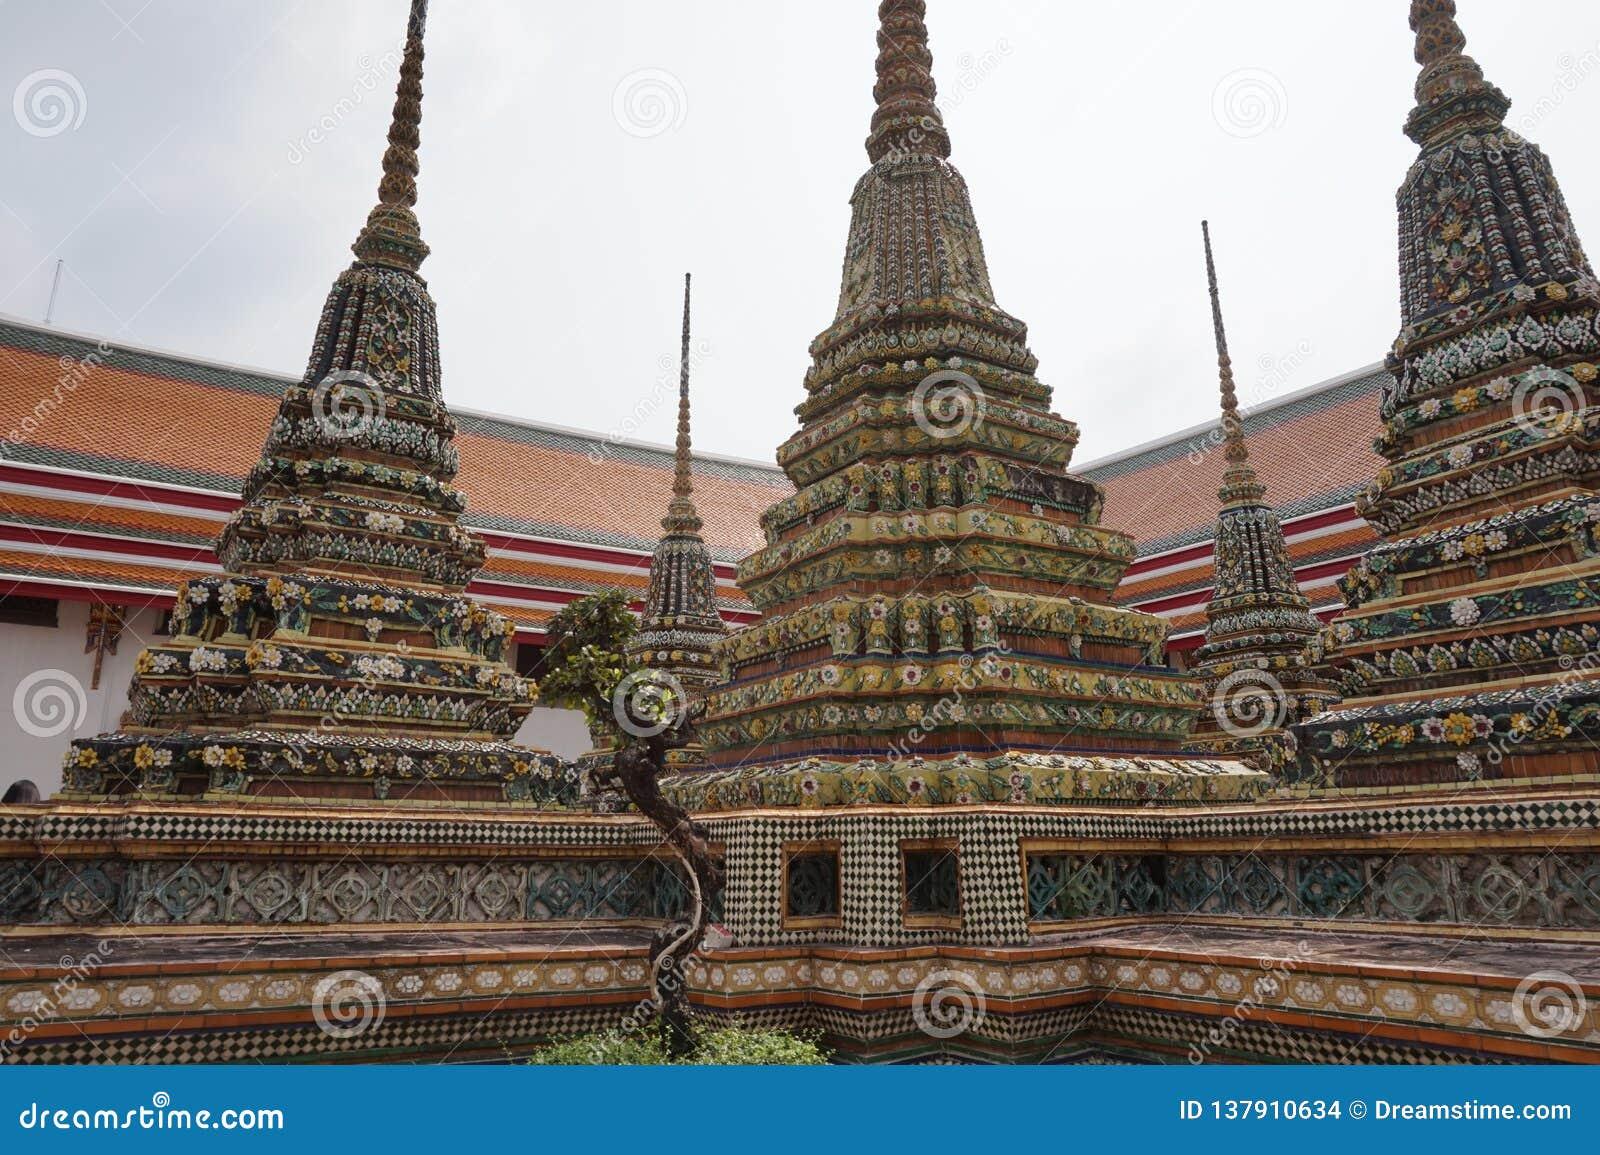 Καταπληκτικοί ναοί στη Μπανγκόκ Ταϊλάνδη